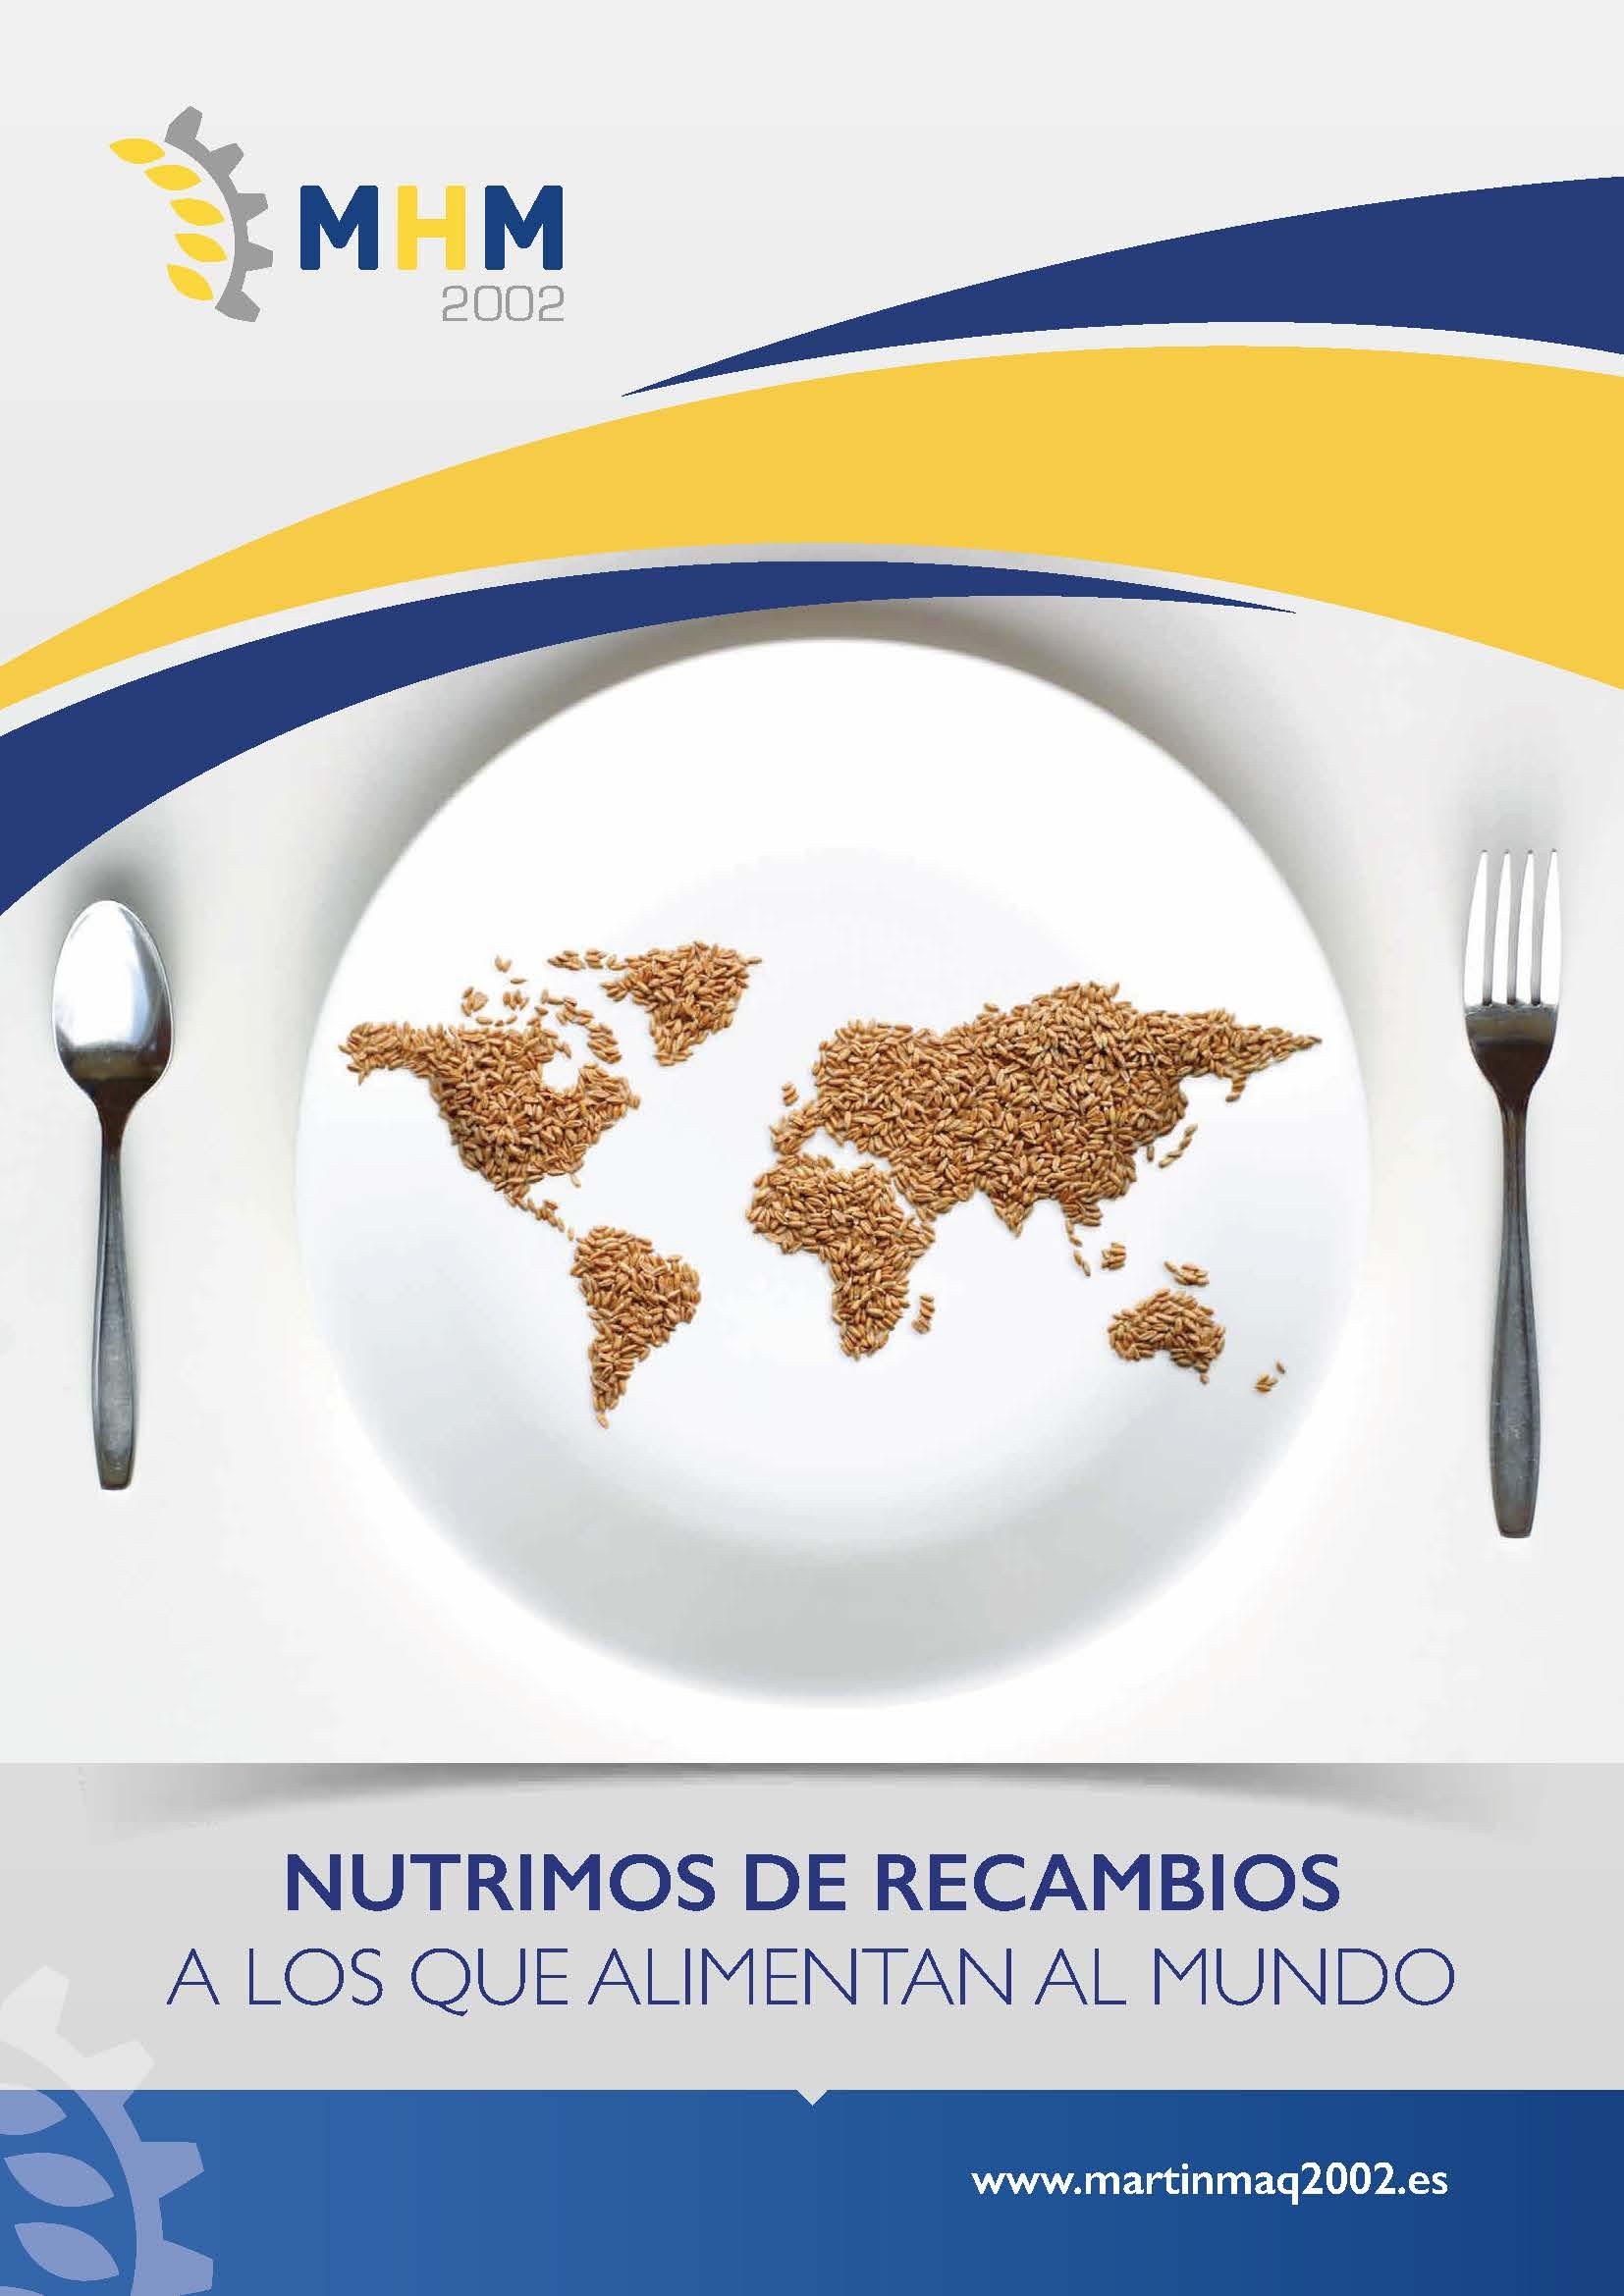 NUTRIMOS DE RECAMBIOS A LOS QUE ALIMENTAN AL MUNDO